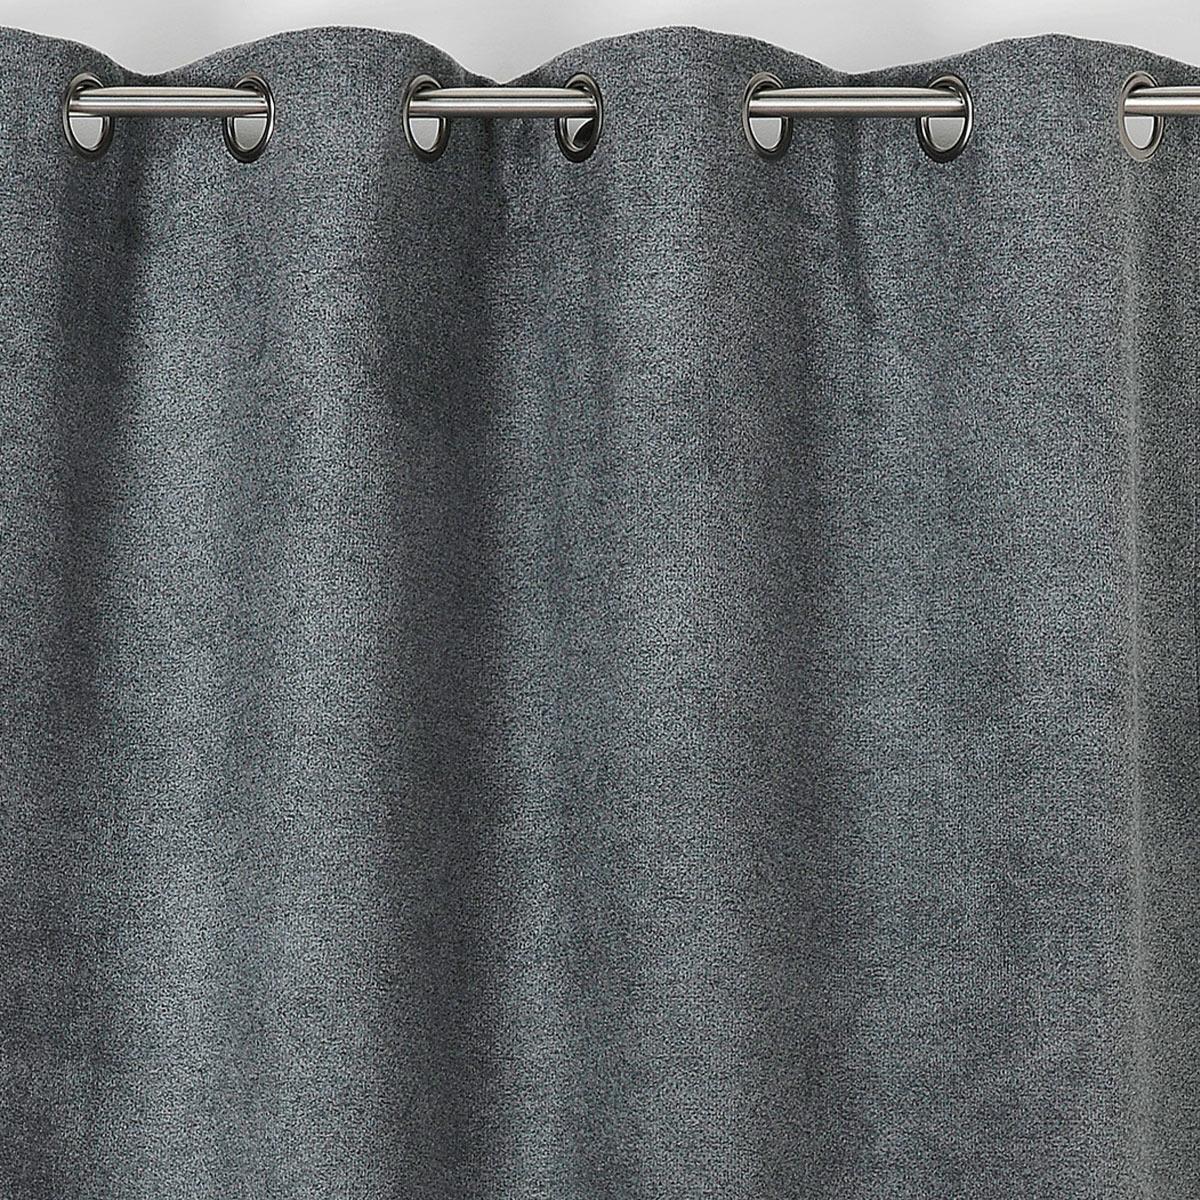 Rideau obscurcissant aspect laine chinée - Gris Foncé - 140 x 250 cm